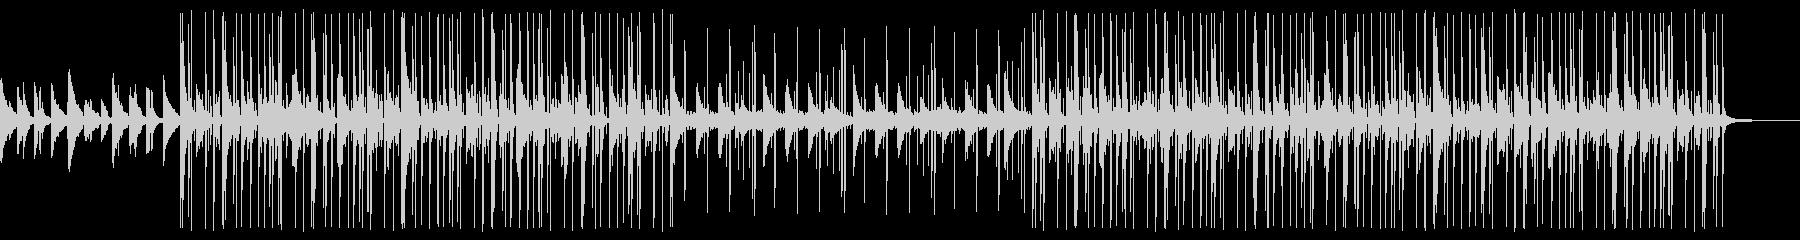 Lofi Piano beats 202の未再生の波形